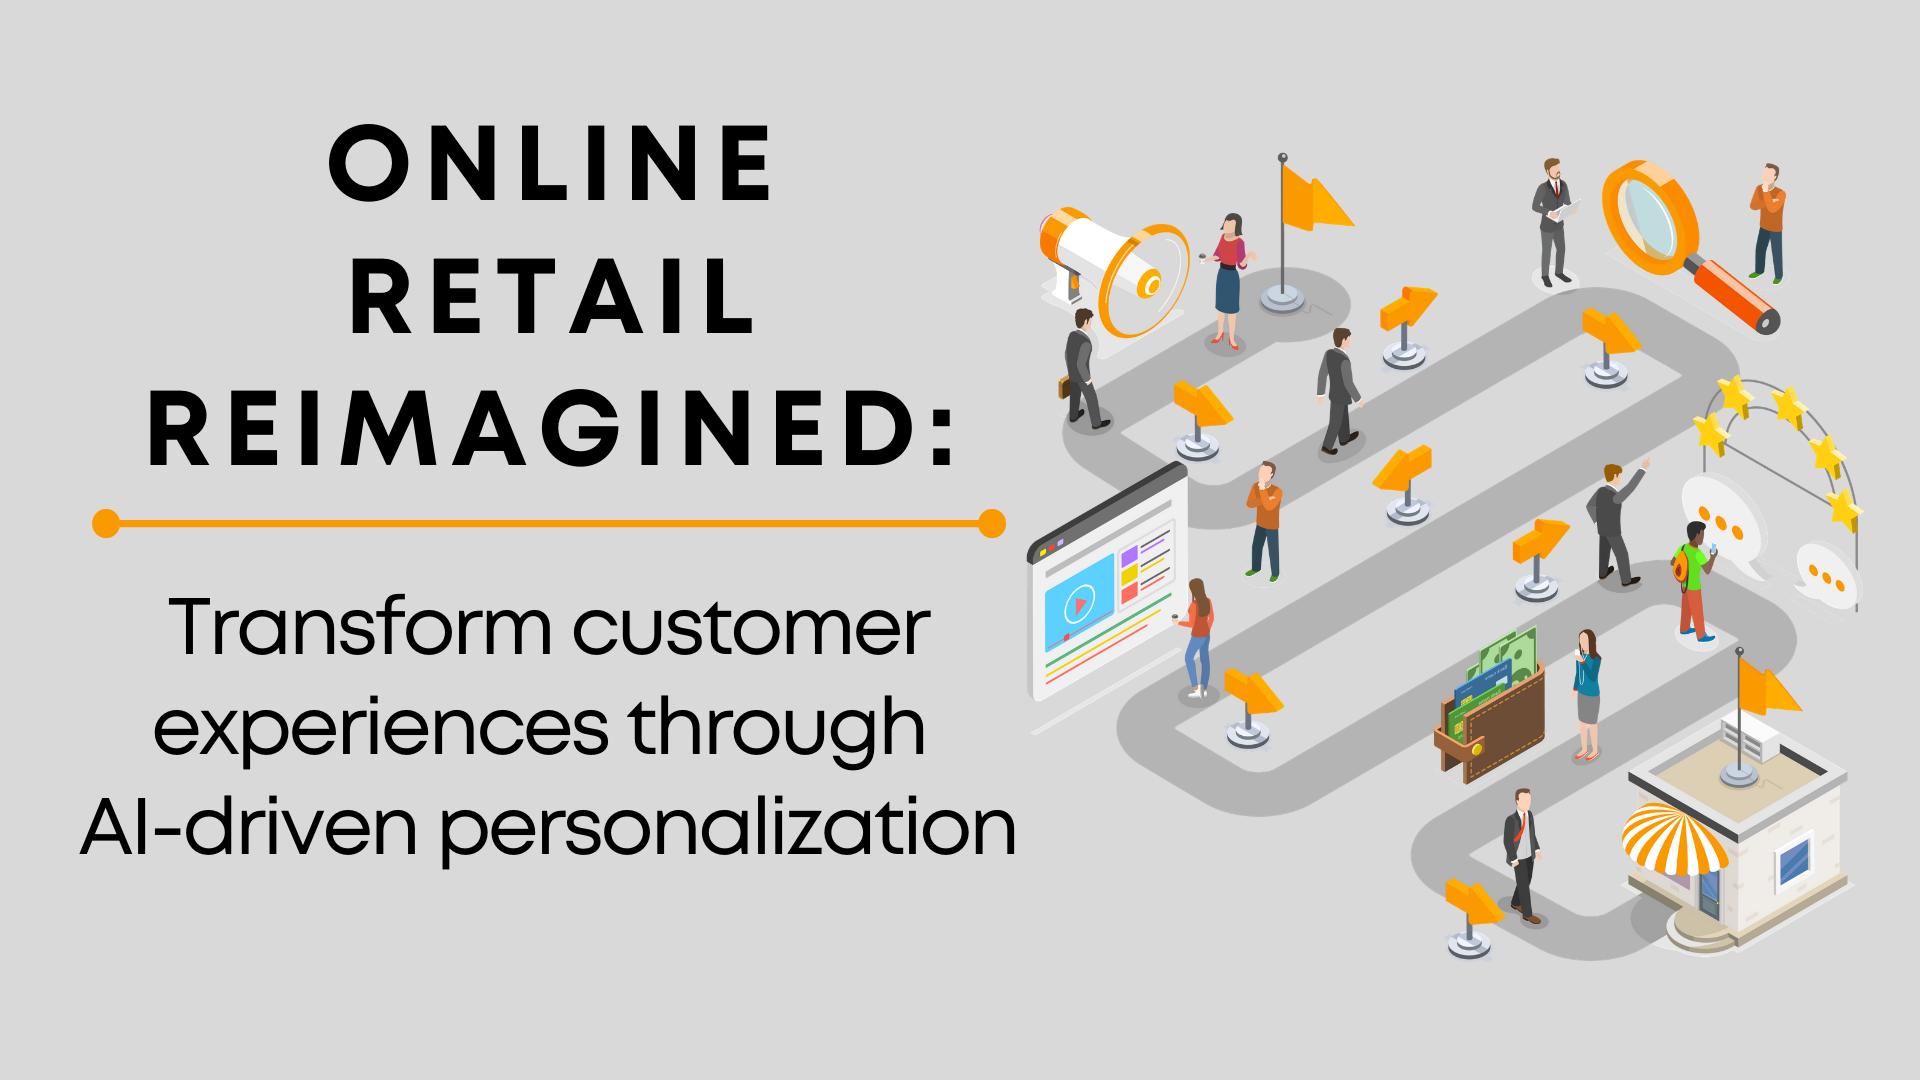 Online retail website personalization